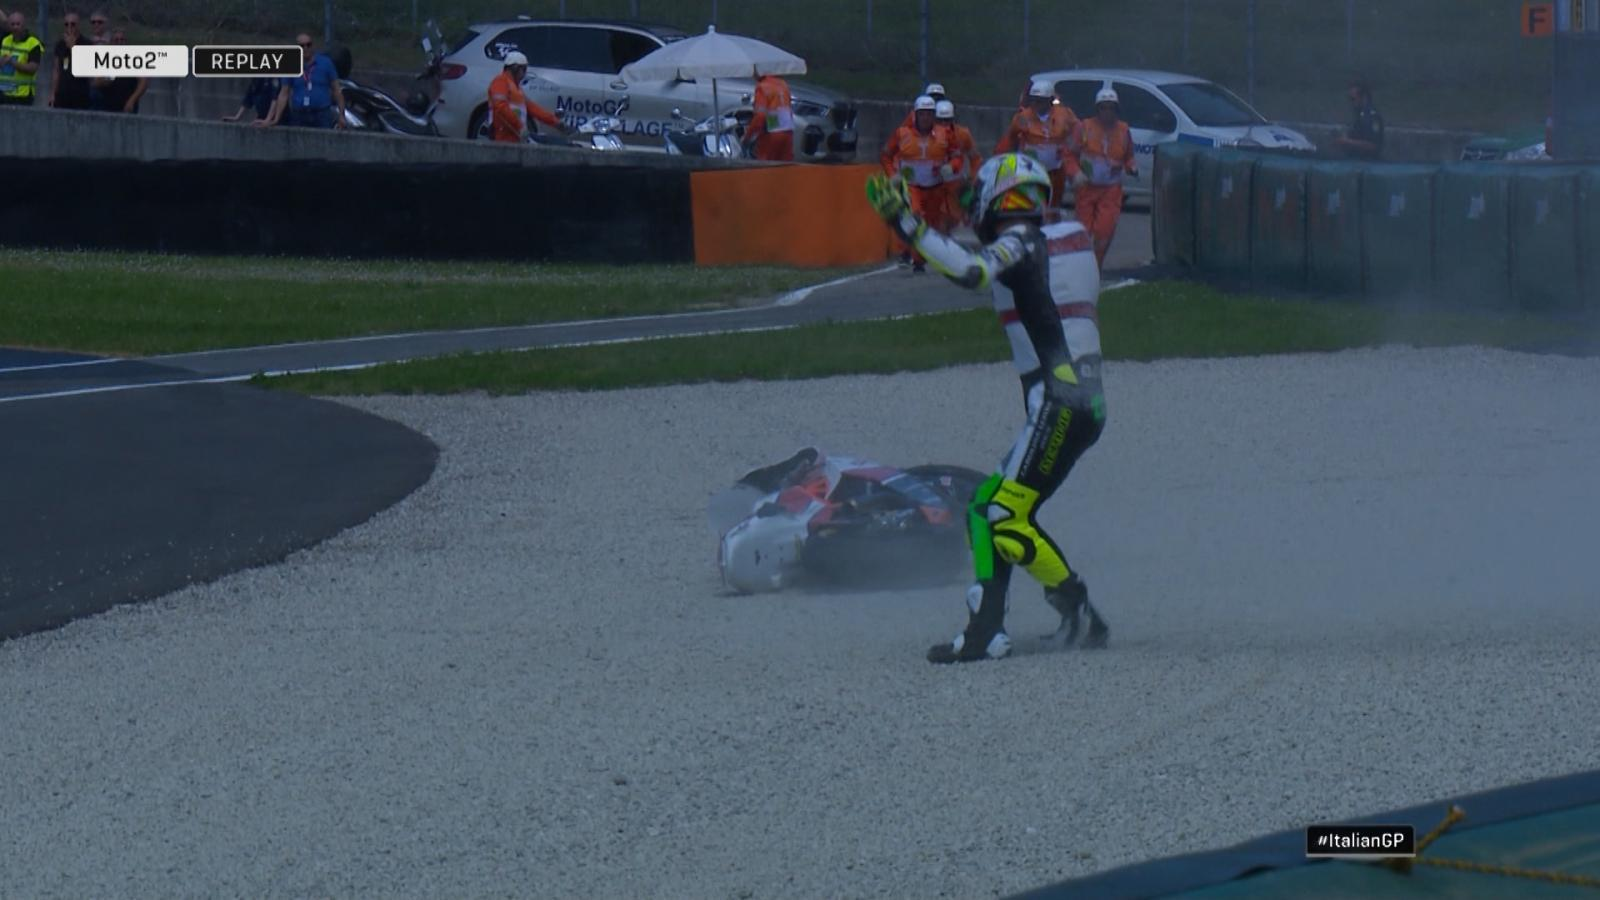 จังหวะเบียดกันล้มของ Iker Lecuona นักเเข่งสเปน ช่วงออกสตาร์ทโค้ง 3  Moto2